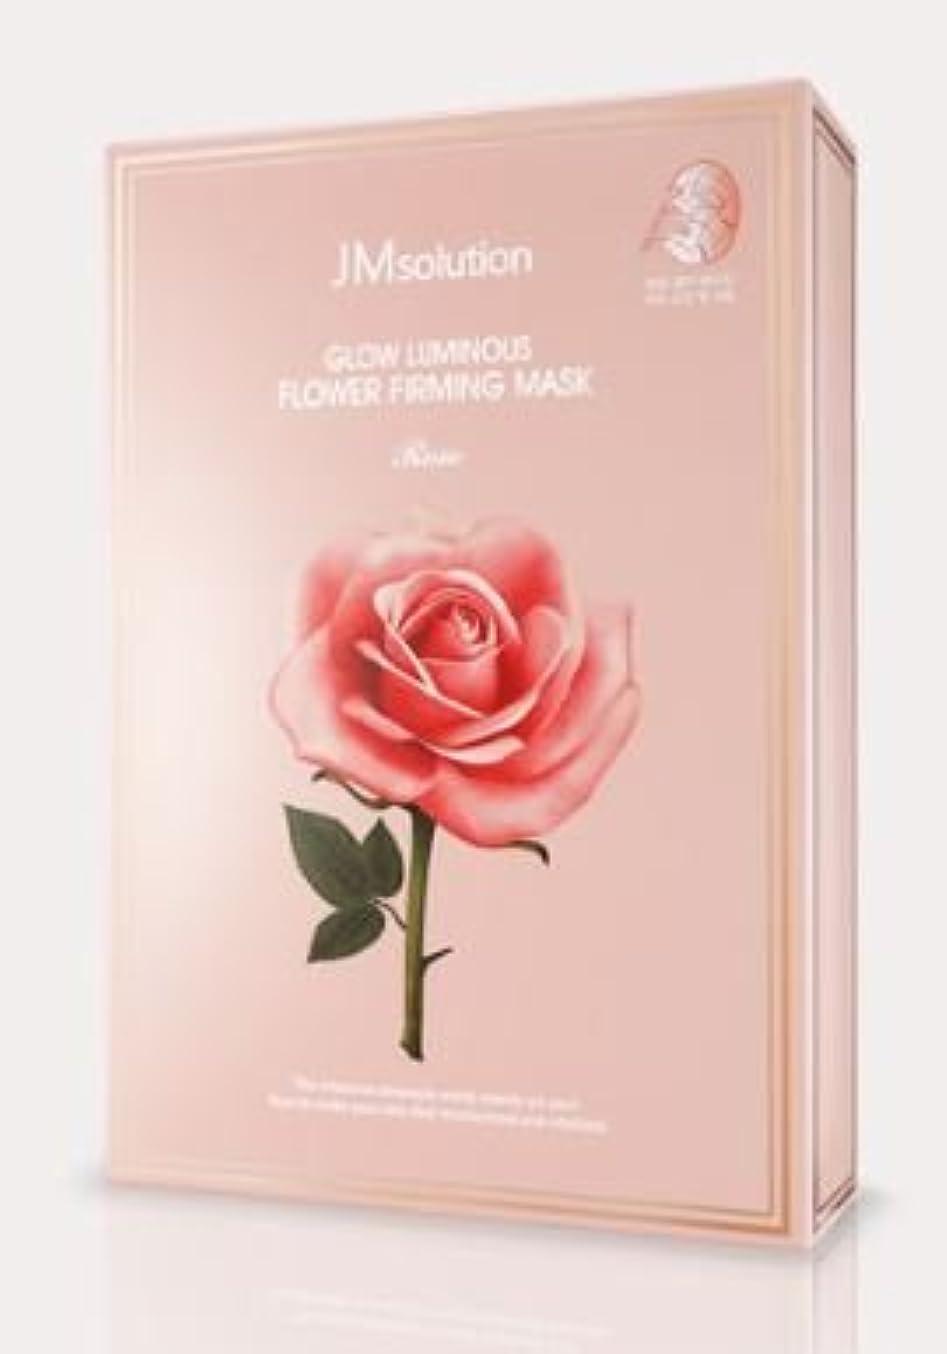 閃光廃止する遠洋の[JM solution] Glow Luminous Flower Firming Mask Rose 30ml*10ea [並行輸入品]